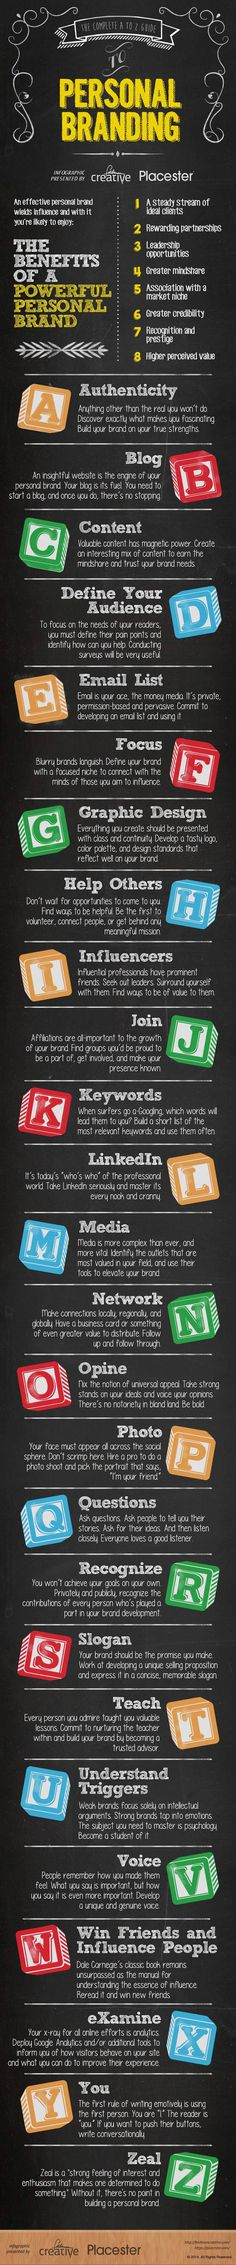 Criação de Marca Pessoal de A a Z [infografico]